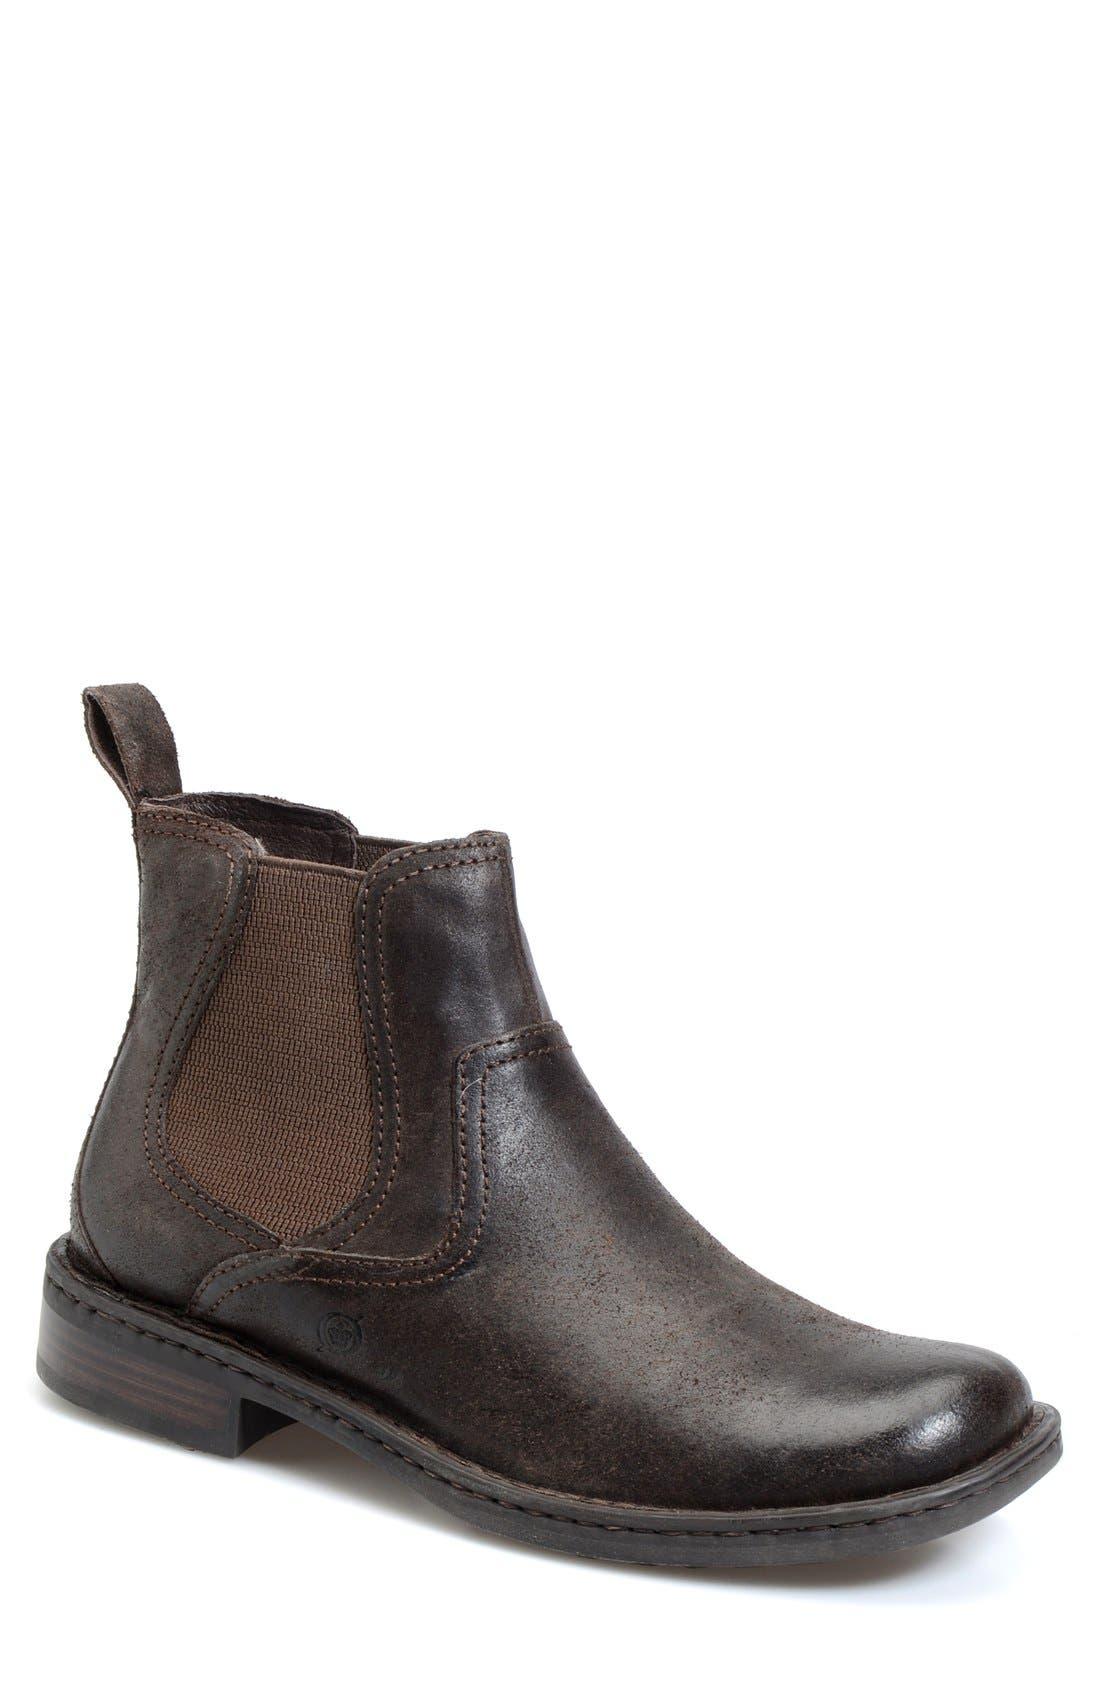 Alternate Image 1 Selected - Børn 'Hemlock' Boot (Online Only)